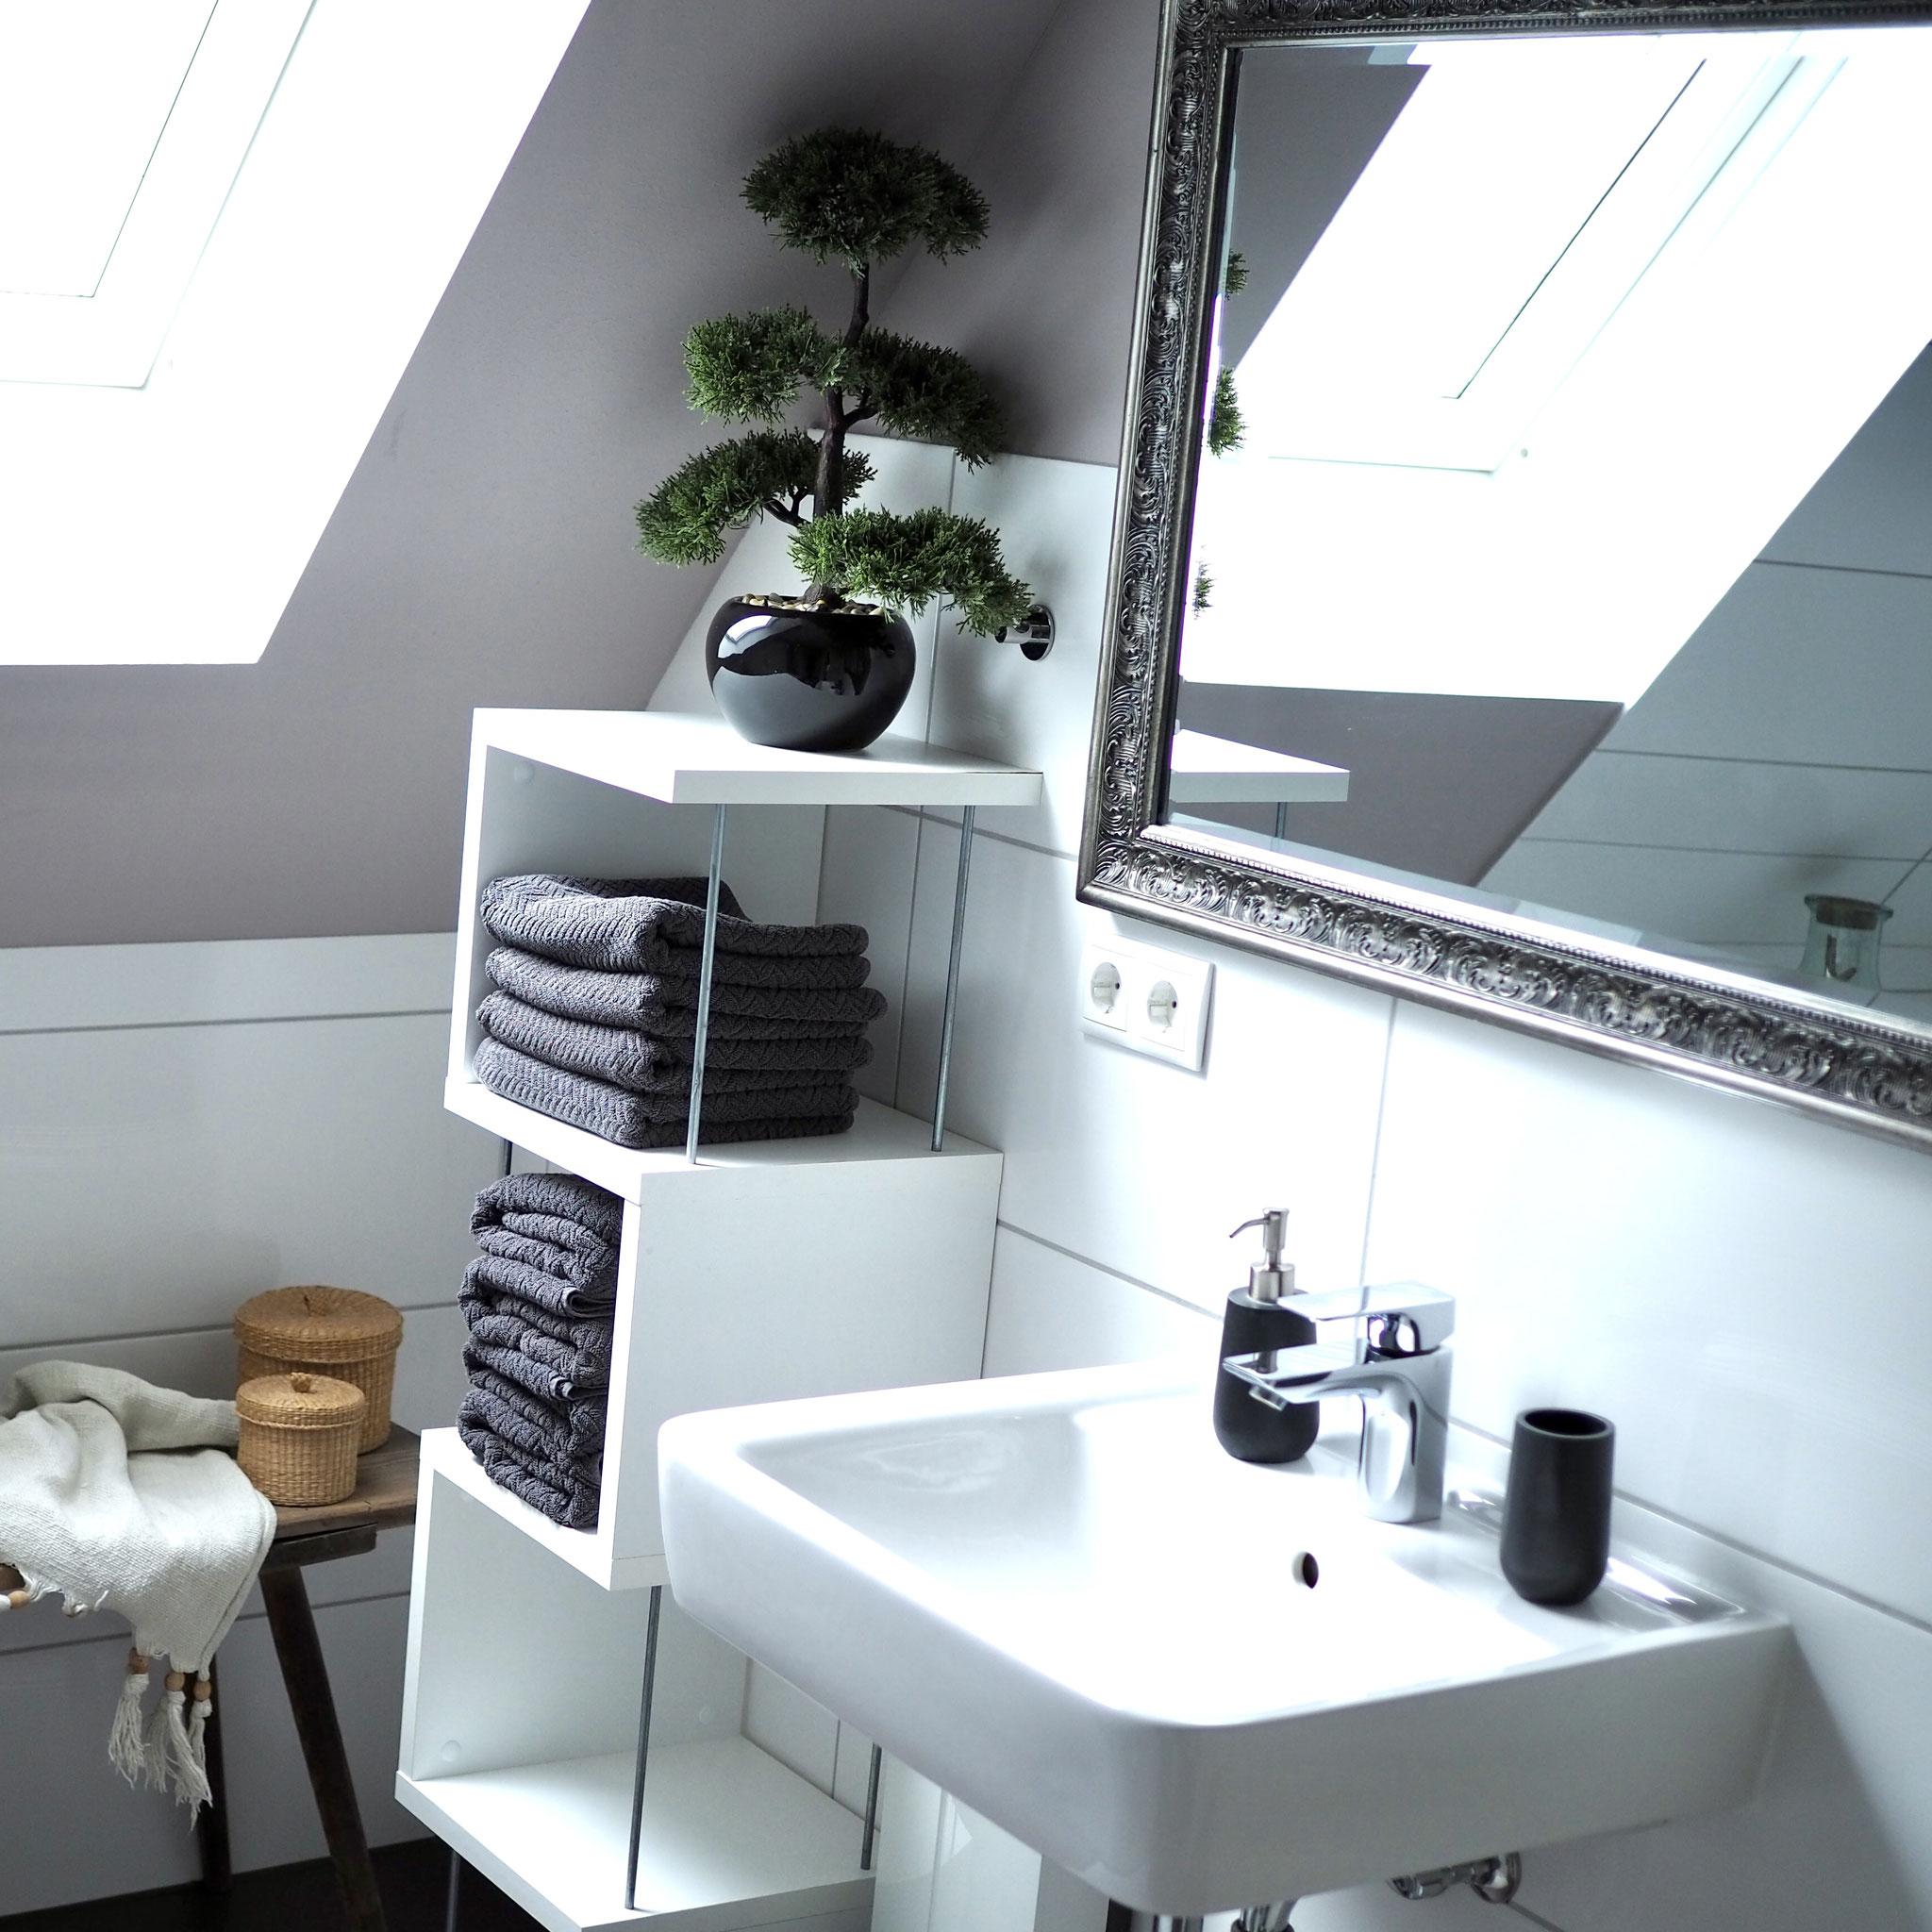 Ferienwohnung Schwerin - Badezimmer mit Badewanne